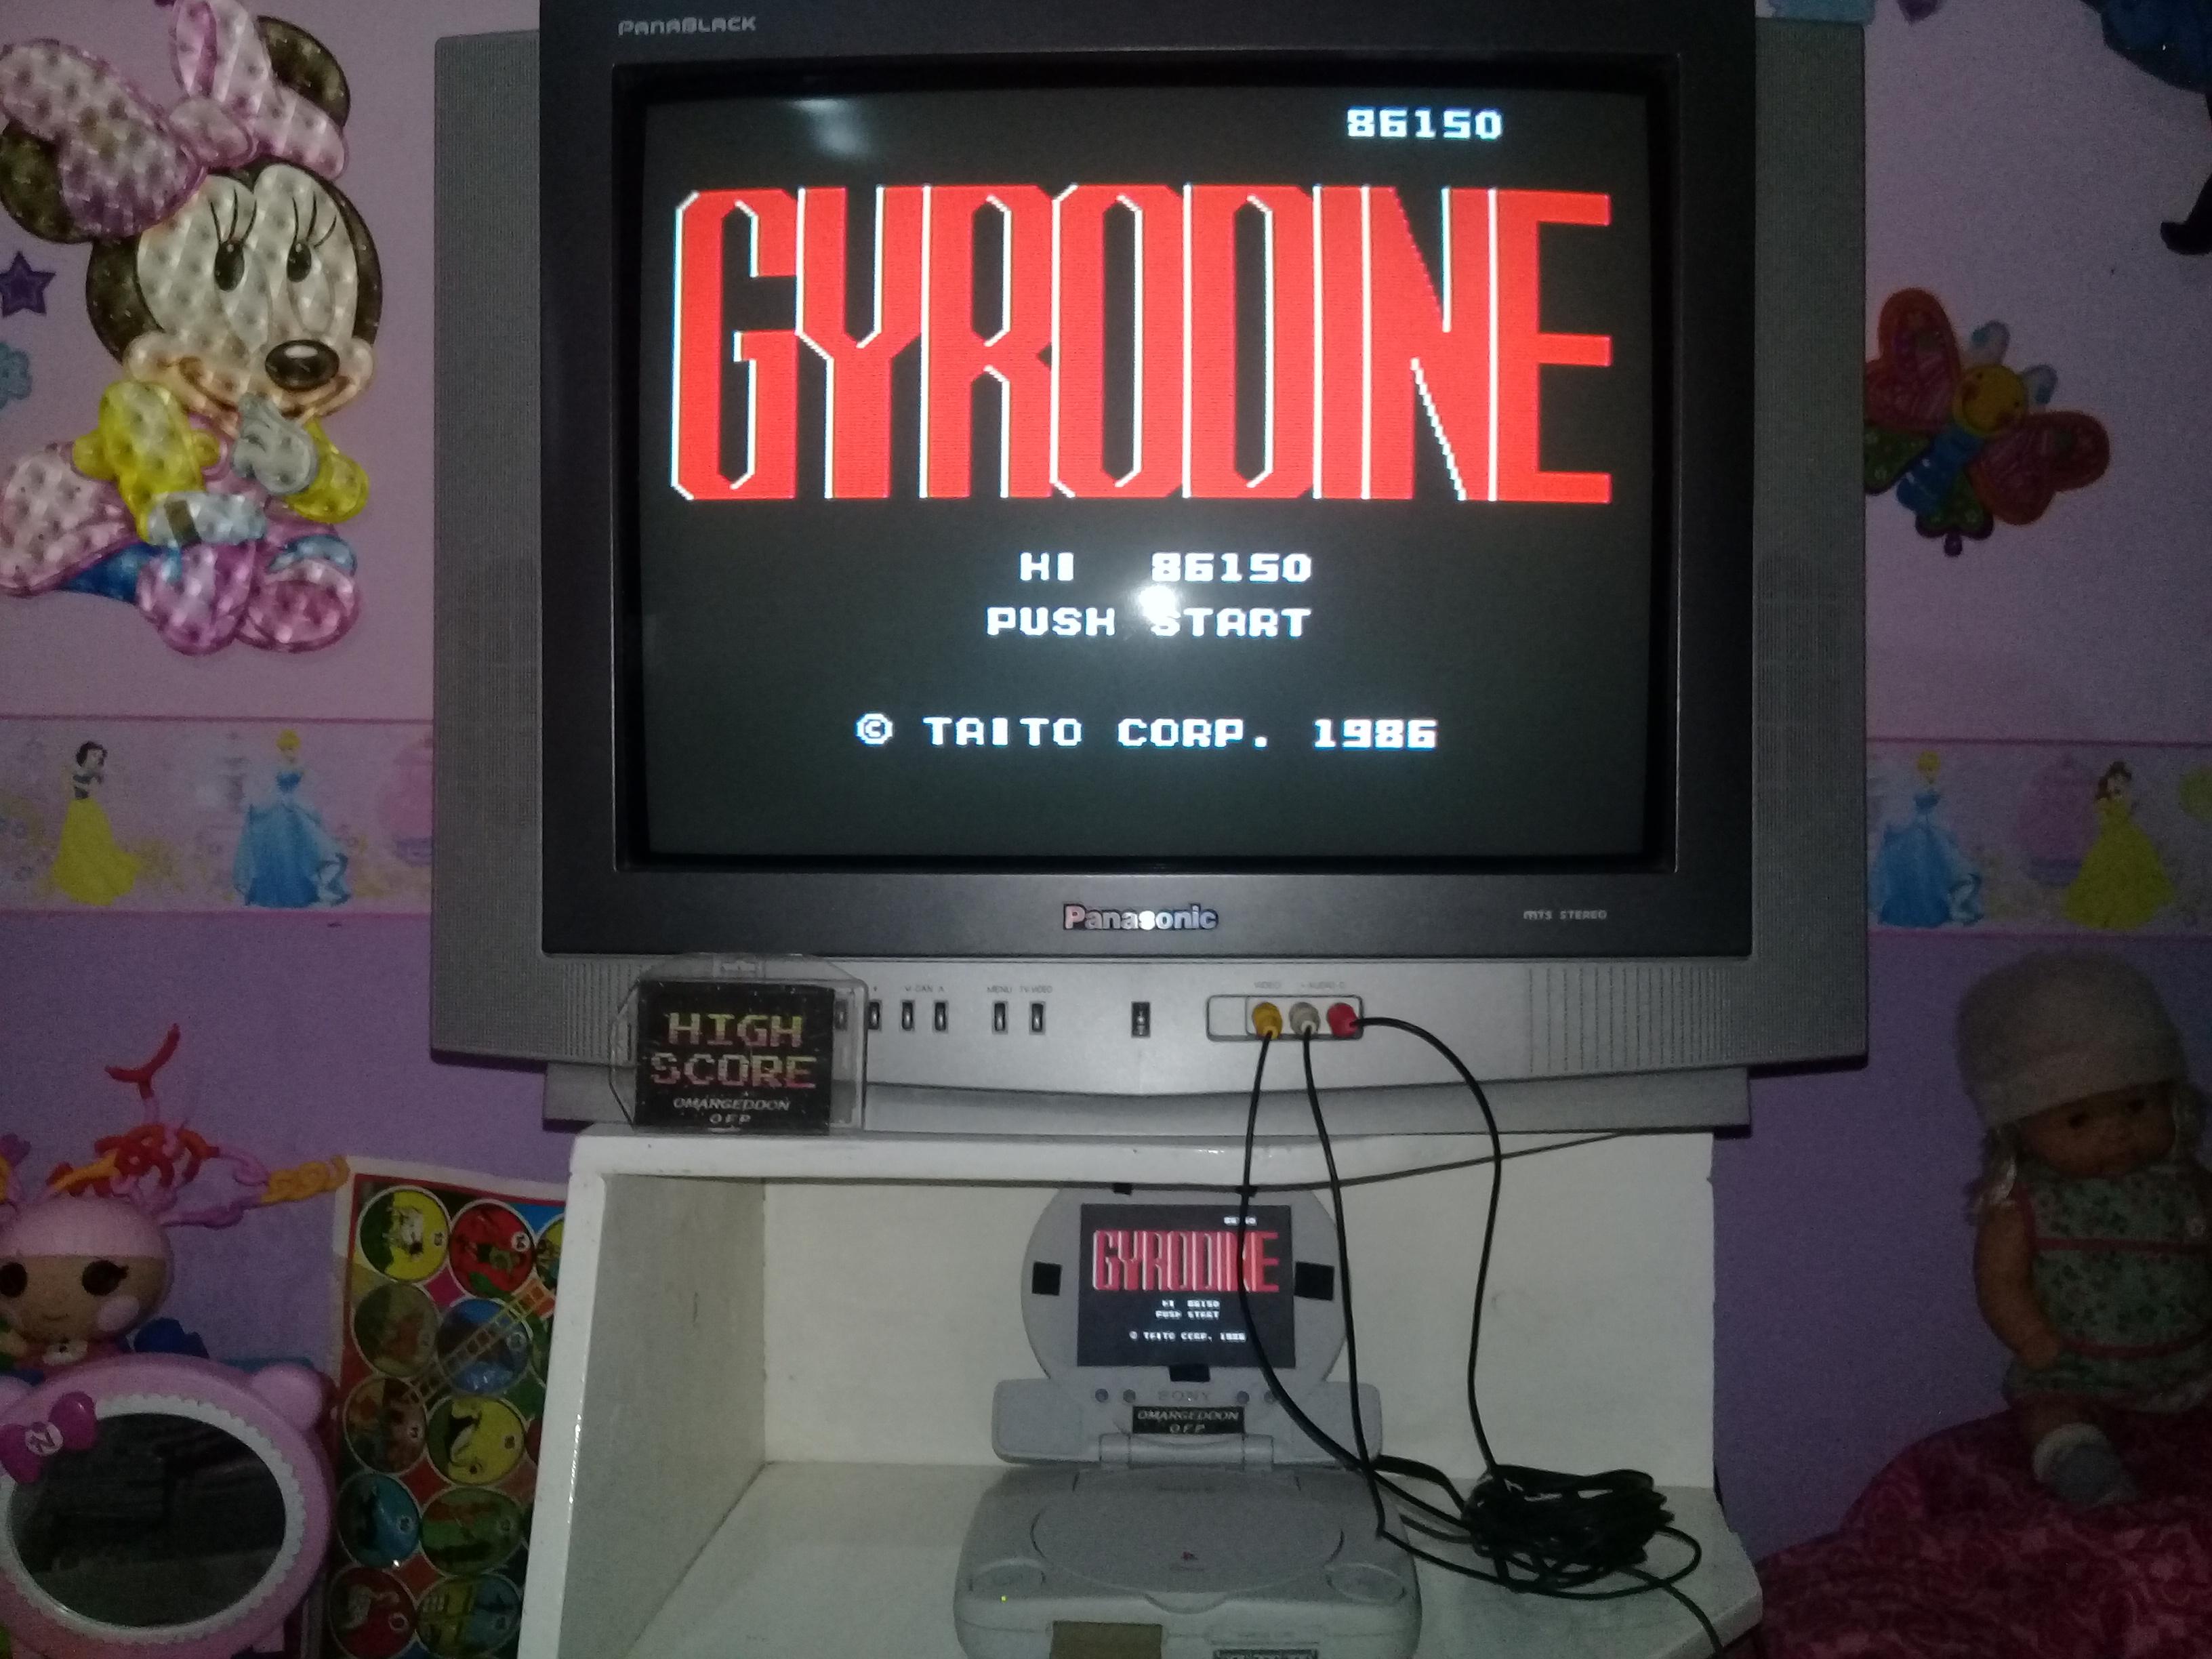 omargeddon: Gyrodine (NES/Famicom Emulated) 86,150 points on 2019-07-14 14:20:36